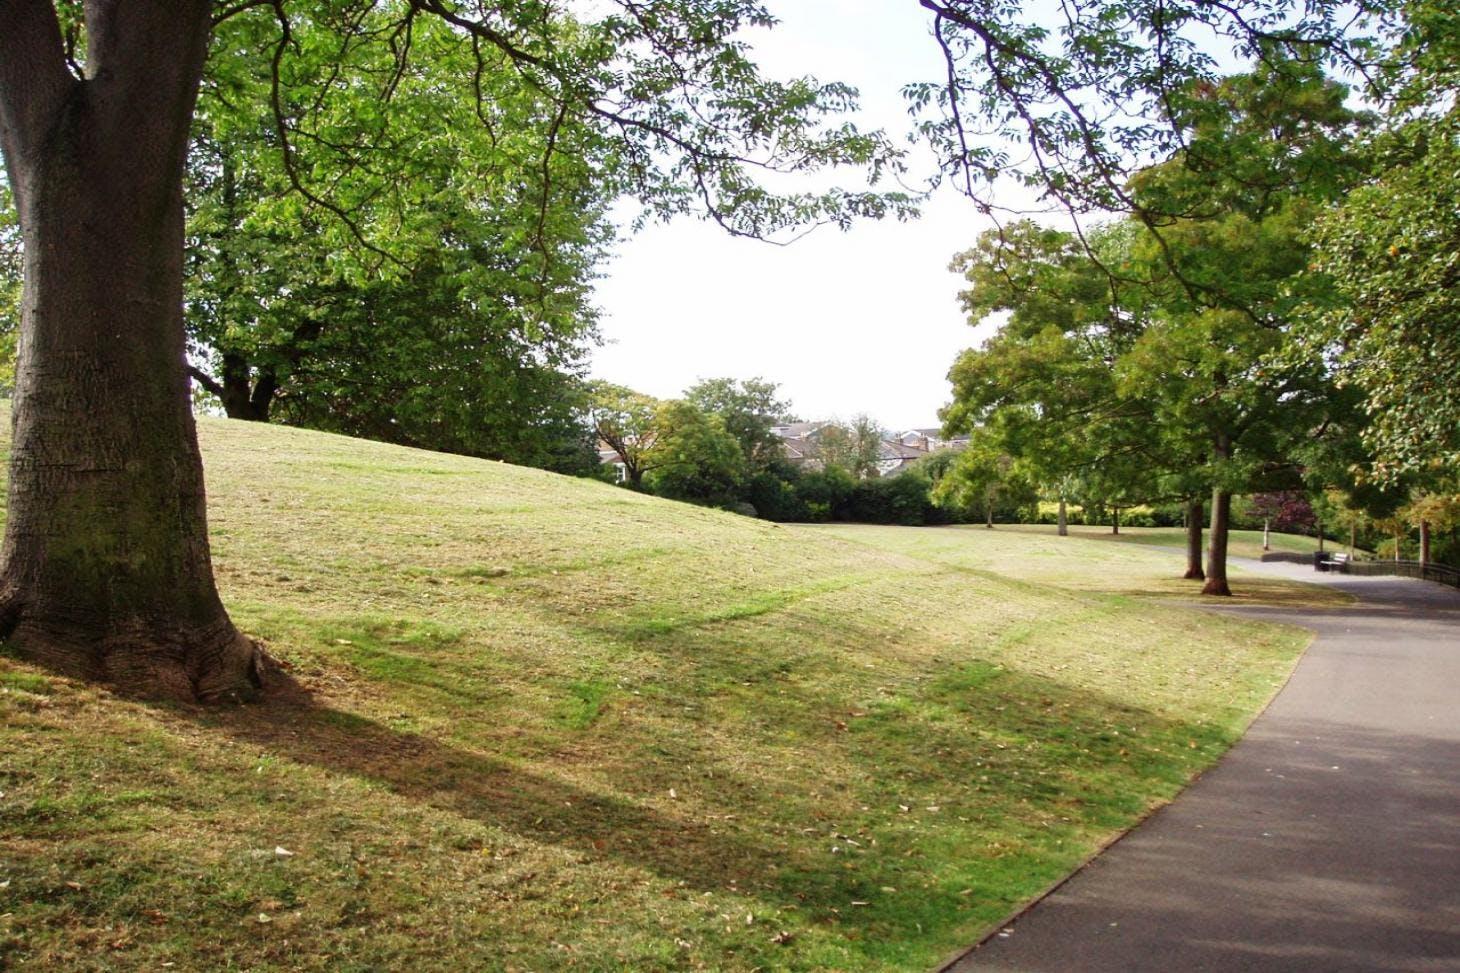 Telegraph Hill Park Outdoor | Hard (macadam) tennis court